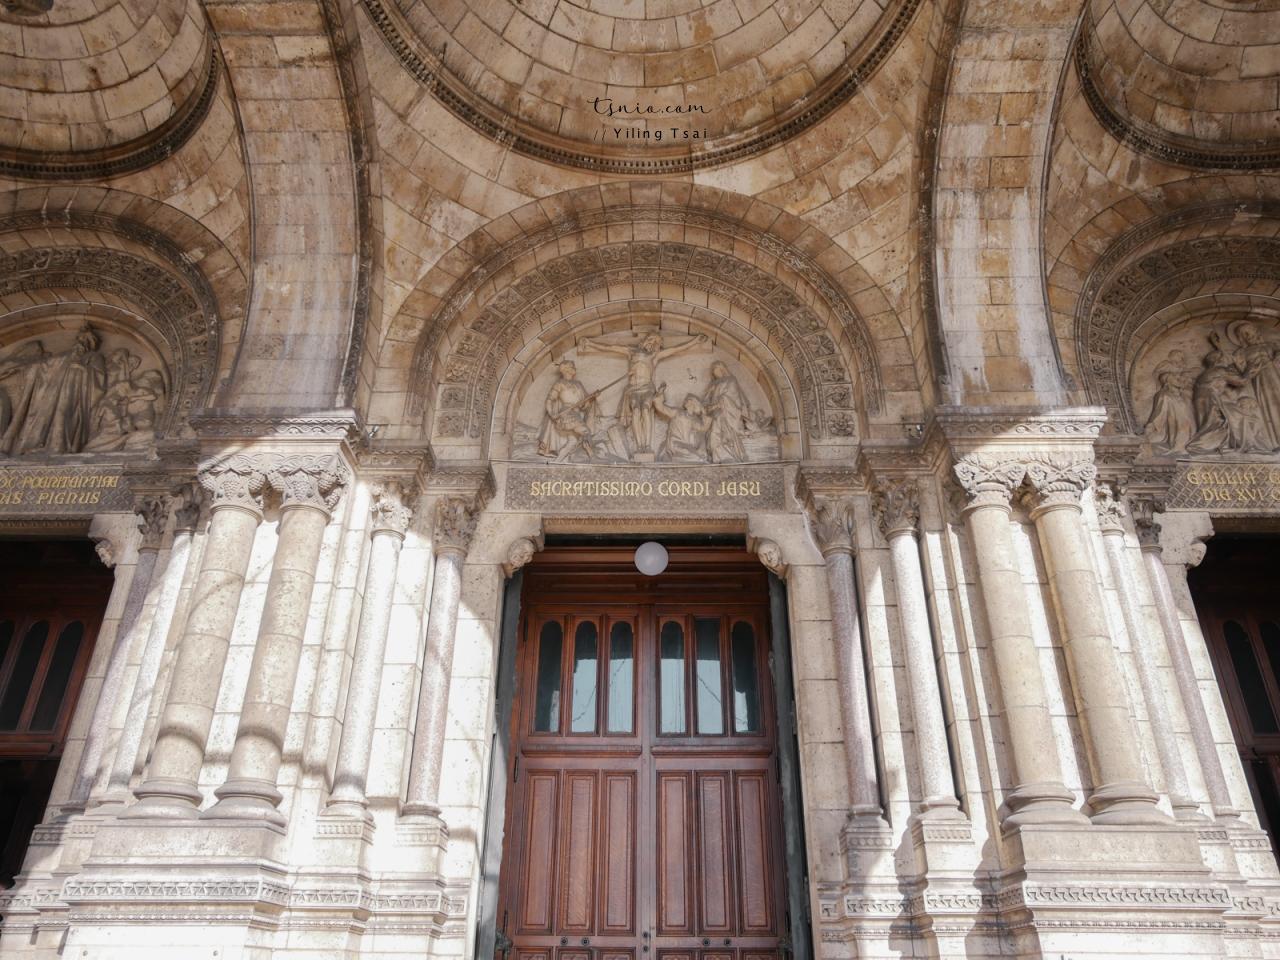 法國巴黎景點 聖心堂 Sacré-Cœur 蒙馬特地標純白教堂